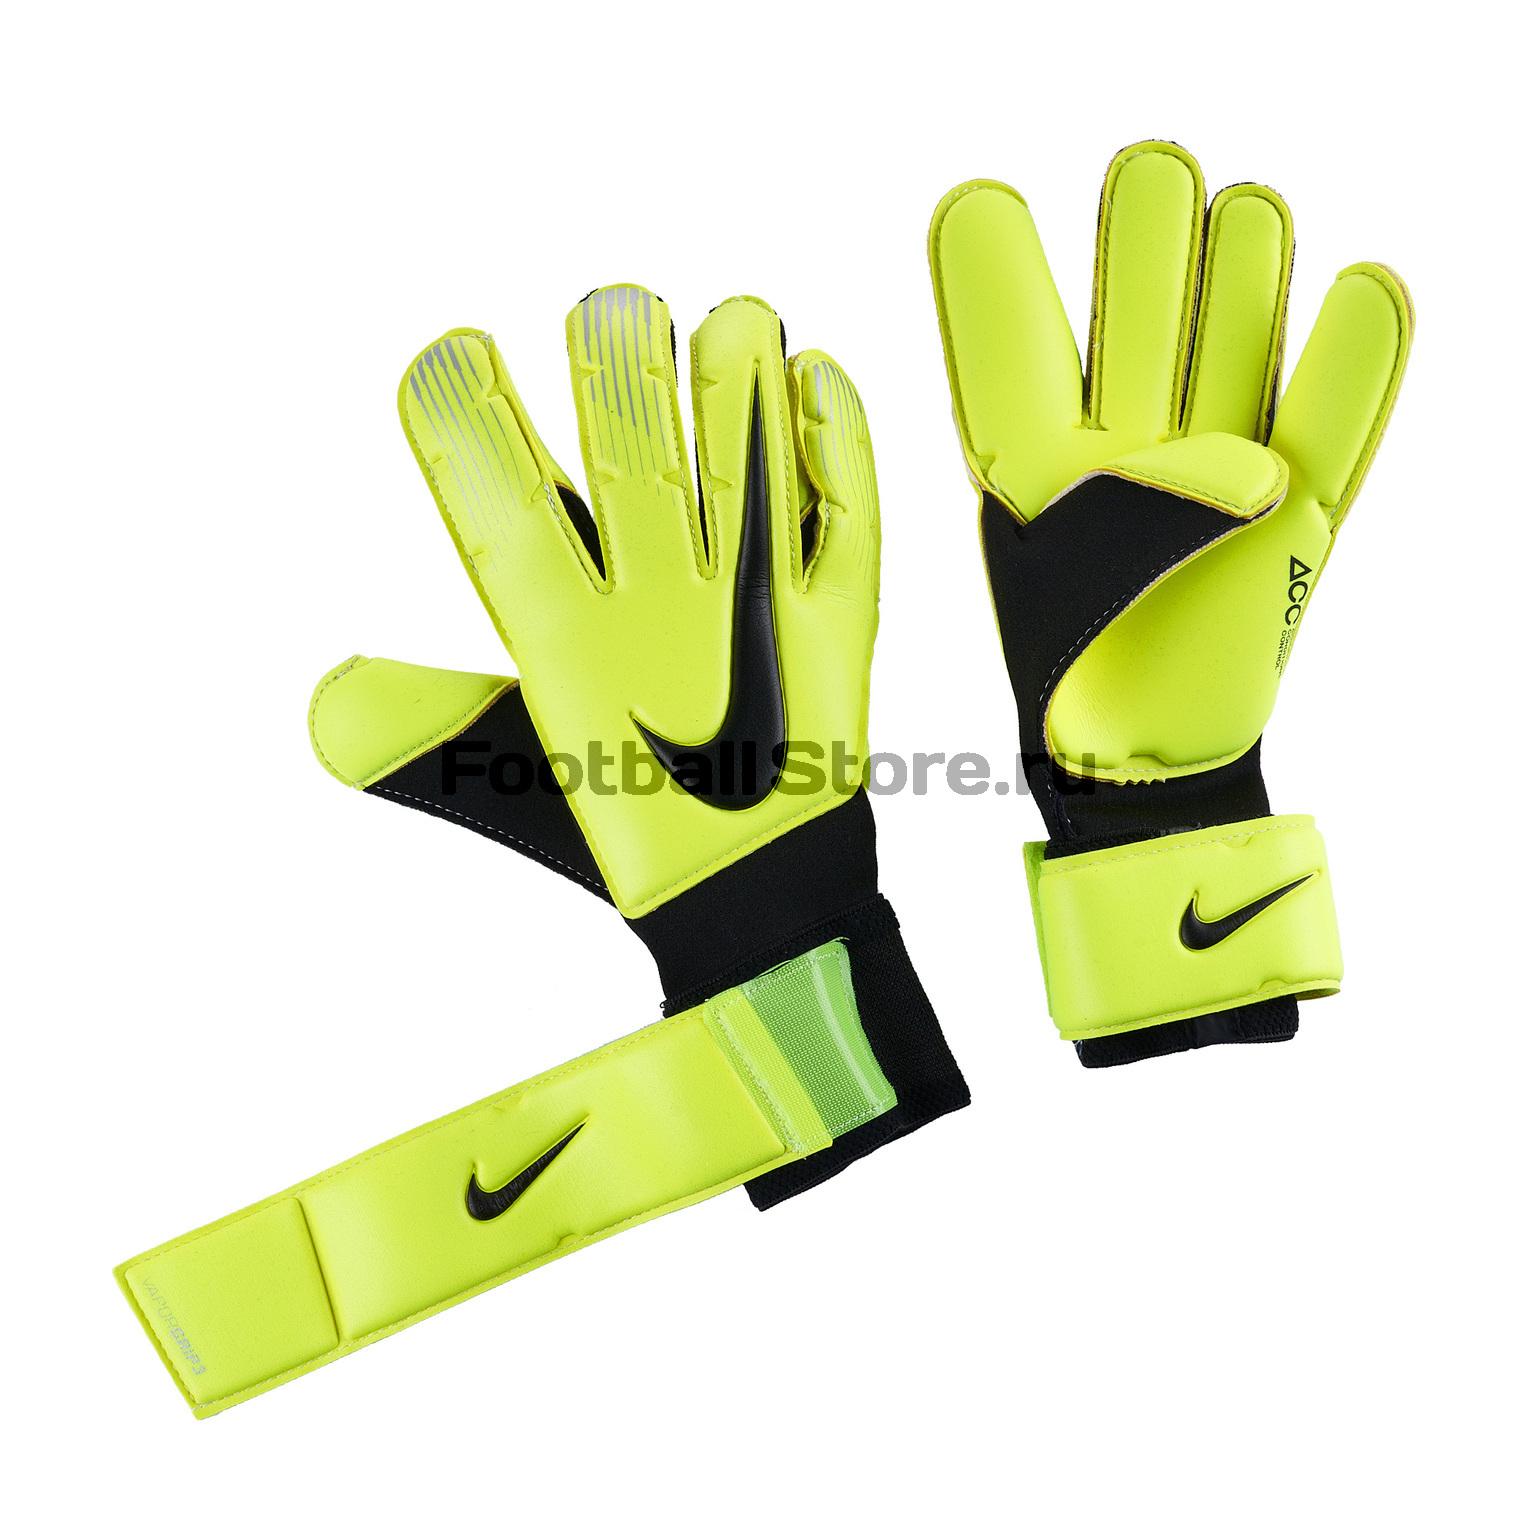 Перчатки вратарские Nike GK Vapor CGP3-New GS0352-702 - купить в интернет  магазине Footballstore, цена, фото a2487da1eb1